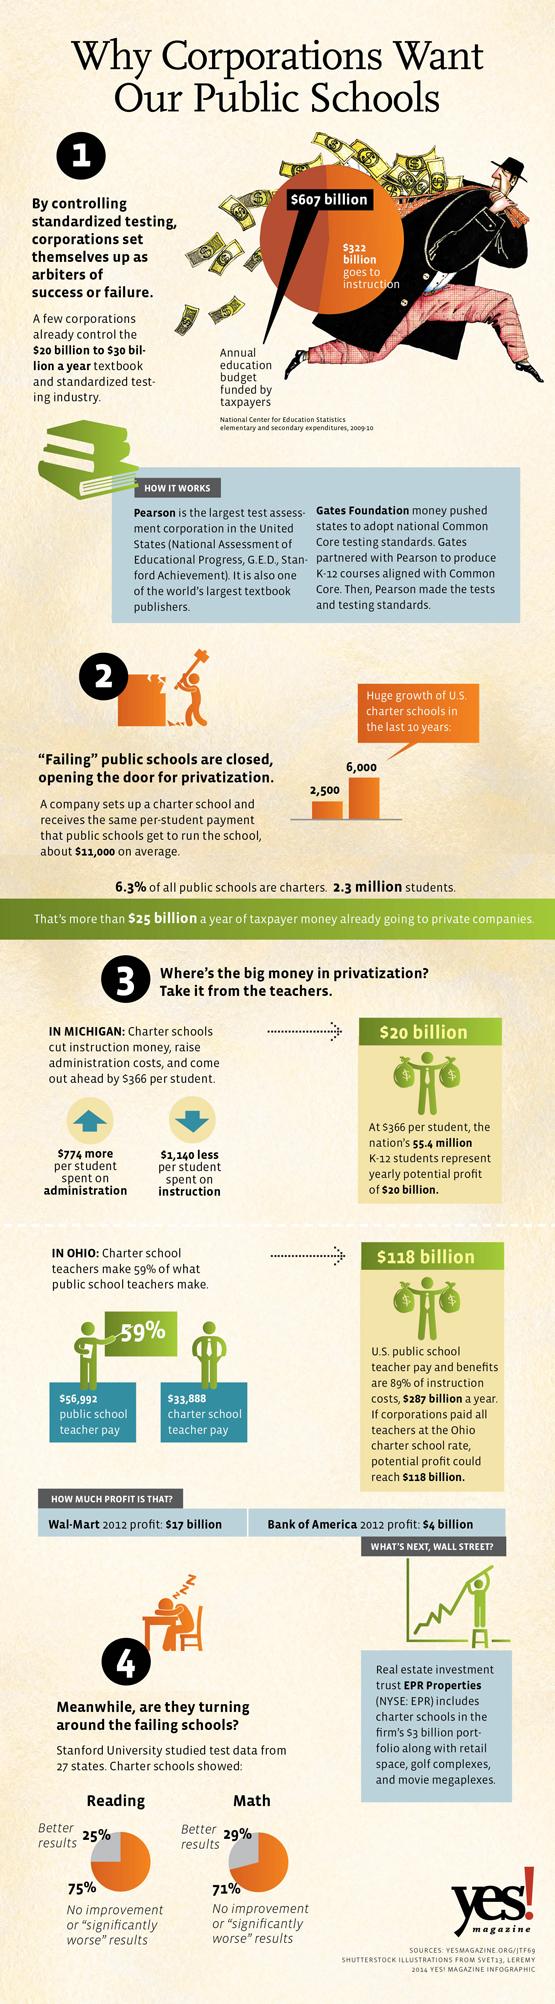 education infographic yes magazine